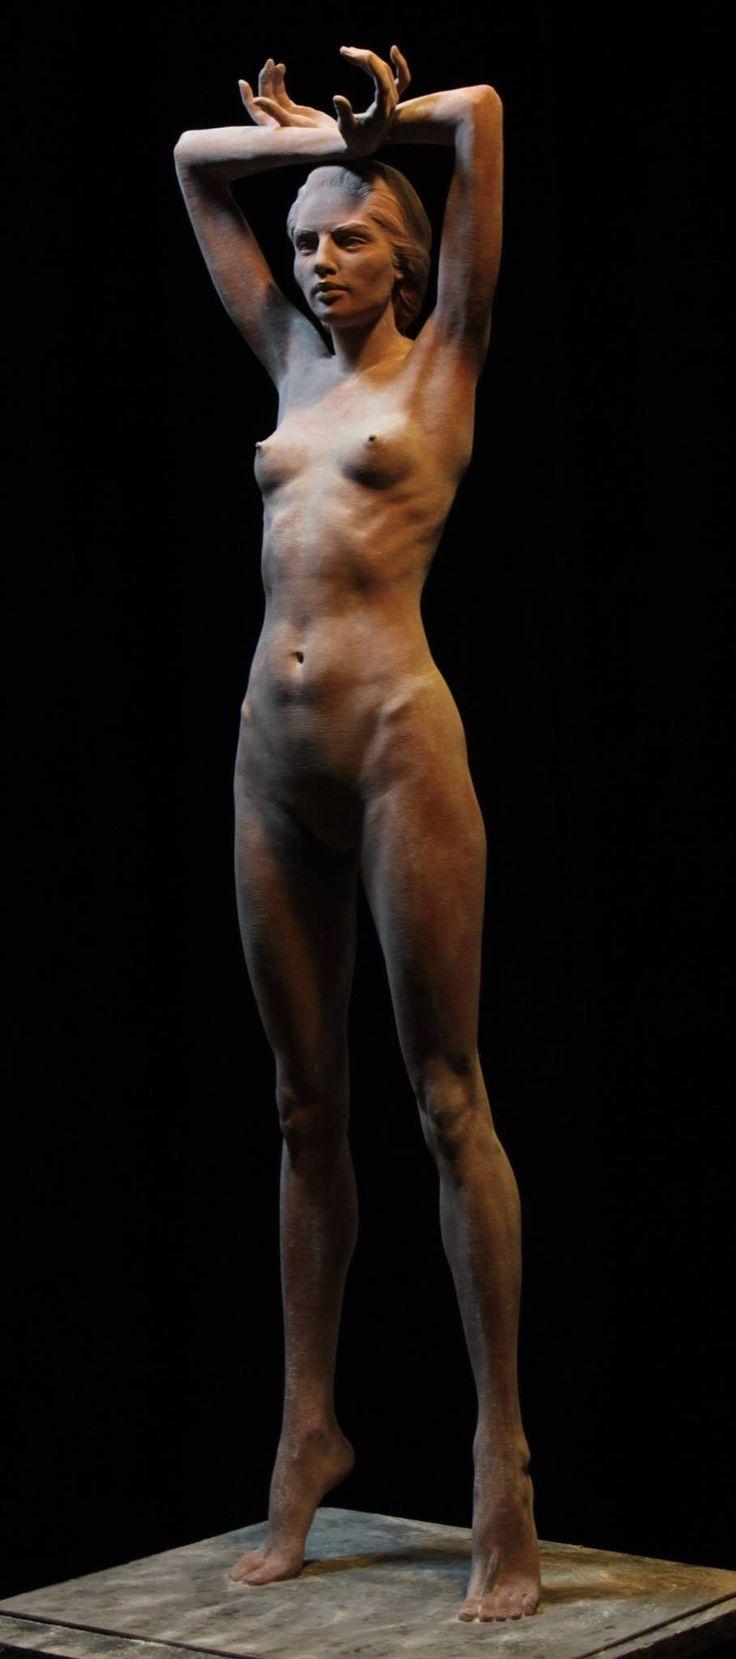 Une sculpture / un sculpteur en passant - Page 7 Brian_10